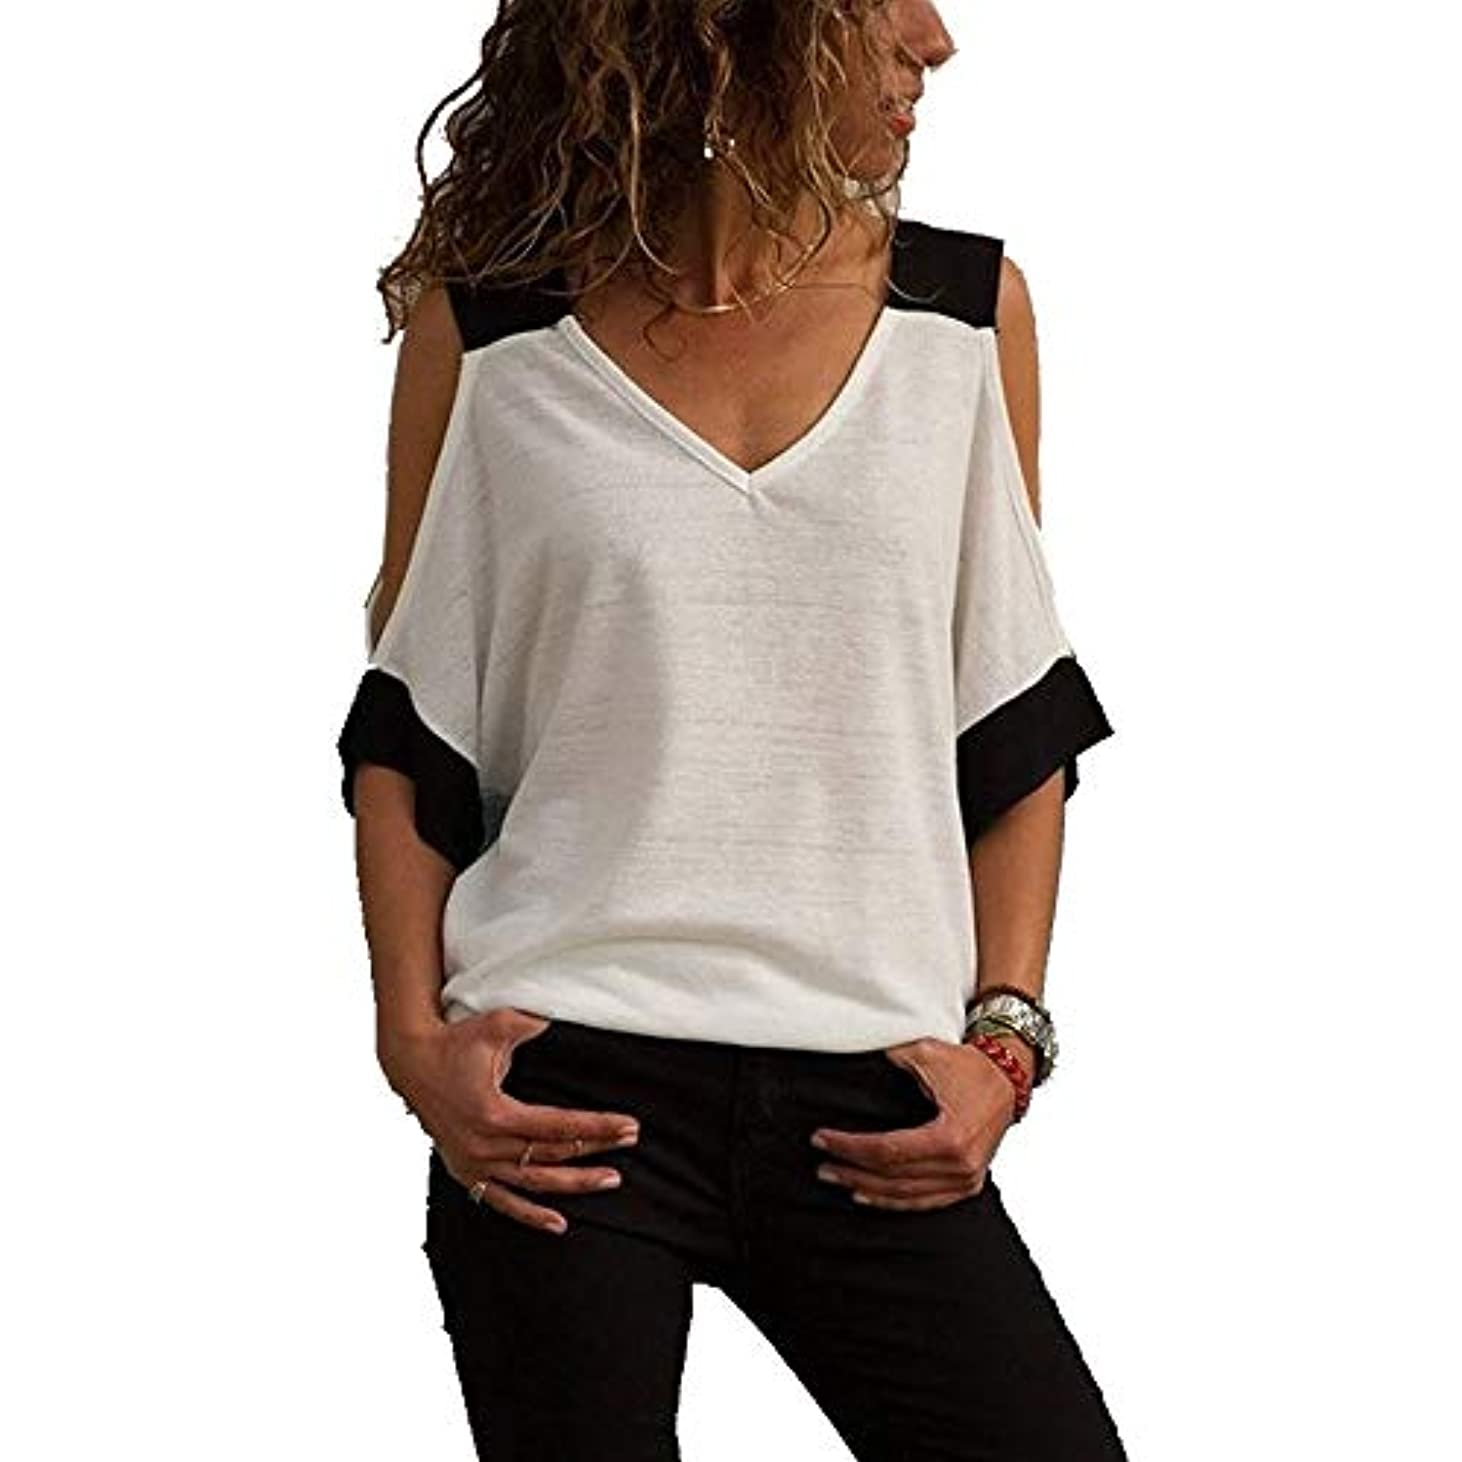 キャプテン石油一杯MIFAN女性ファッションカジュアルトップス女性ショルダーブラウスコットンTシャツディープVネック半袖